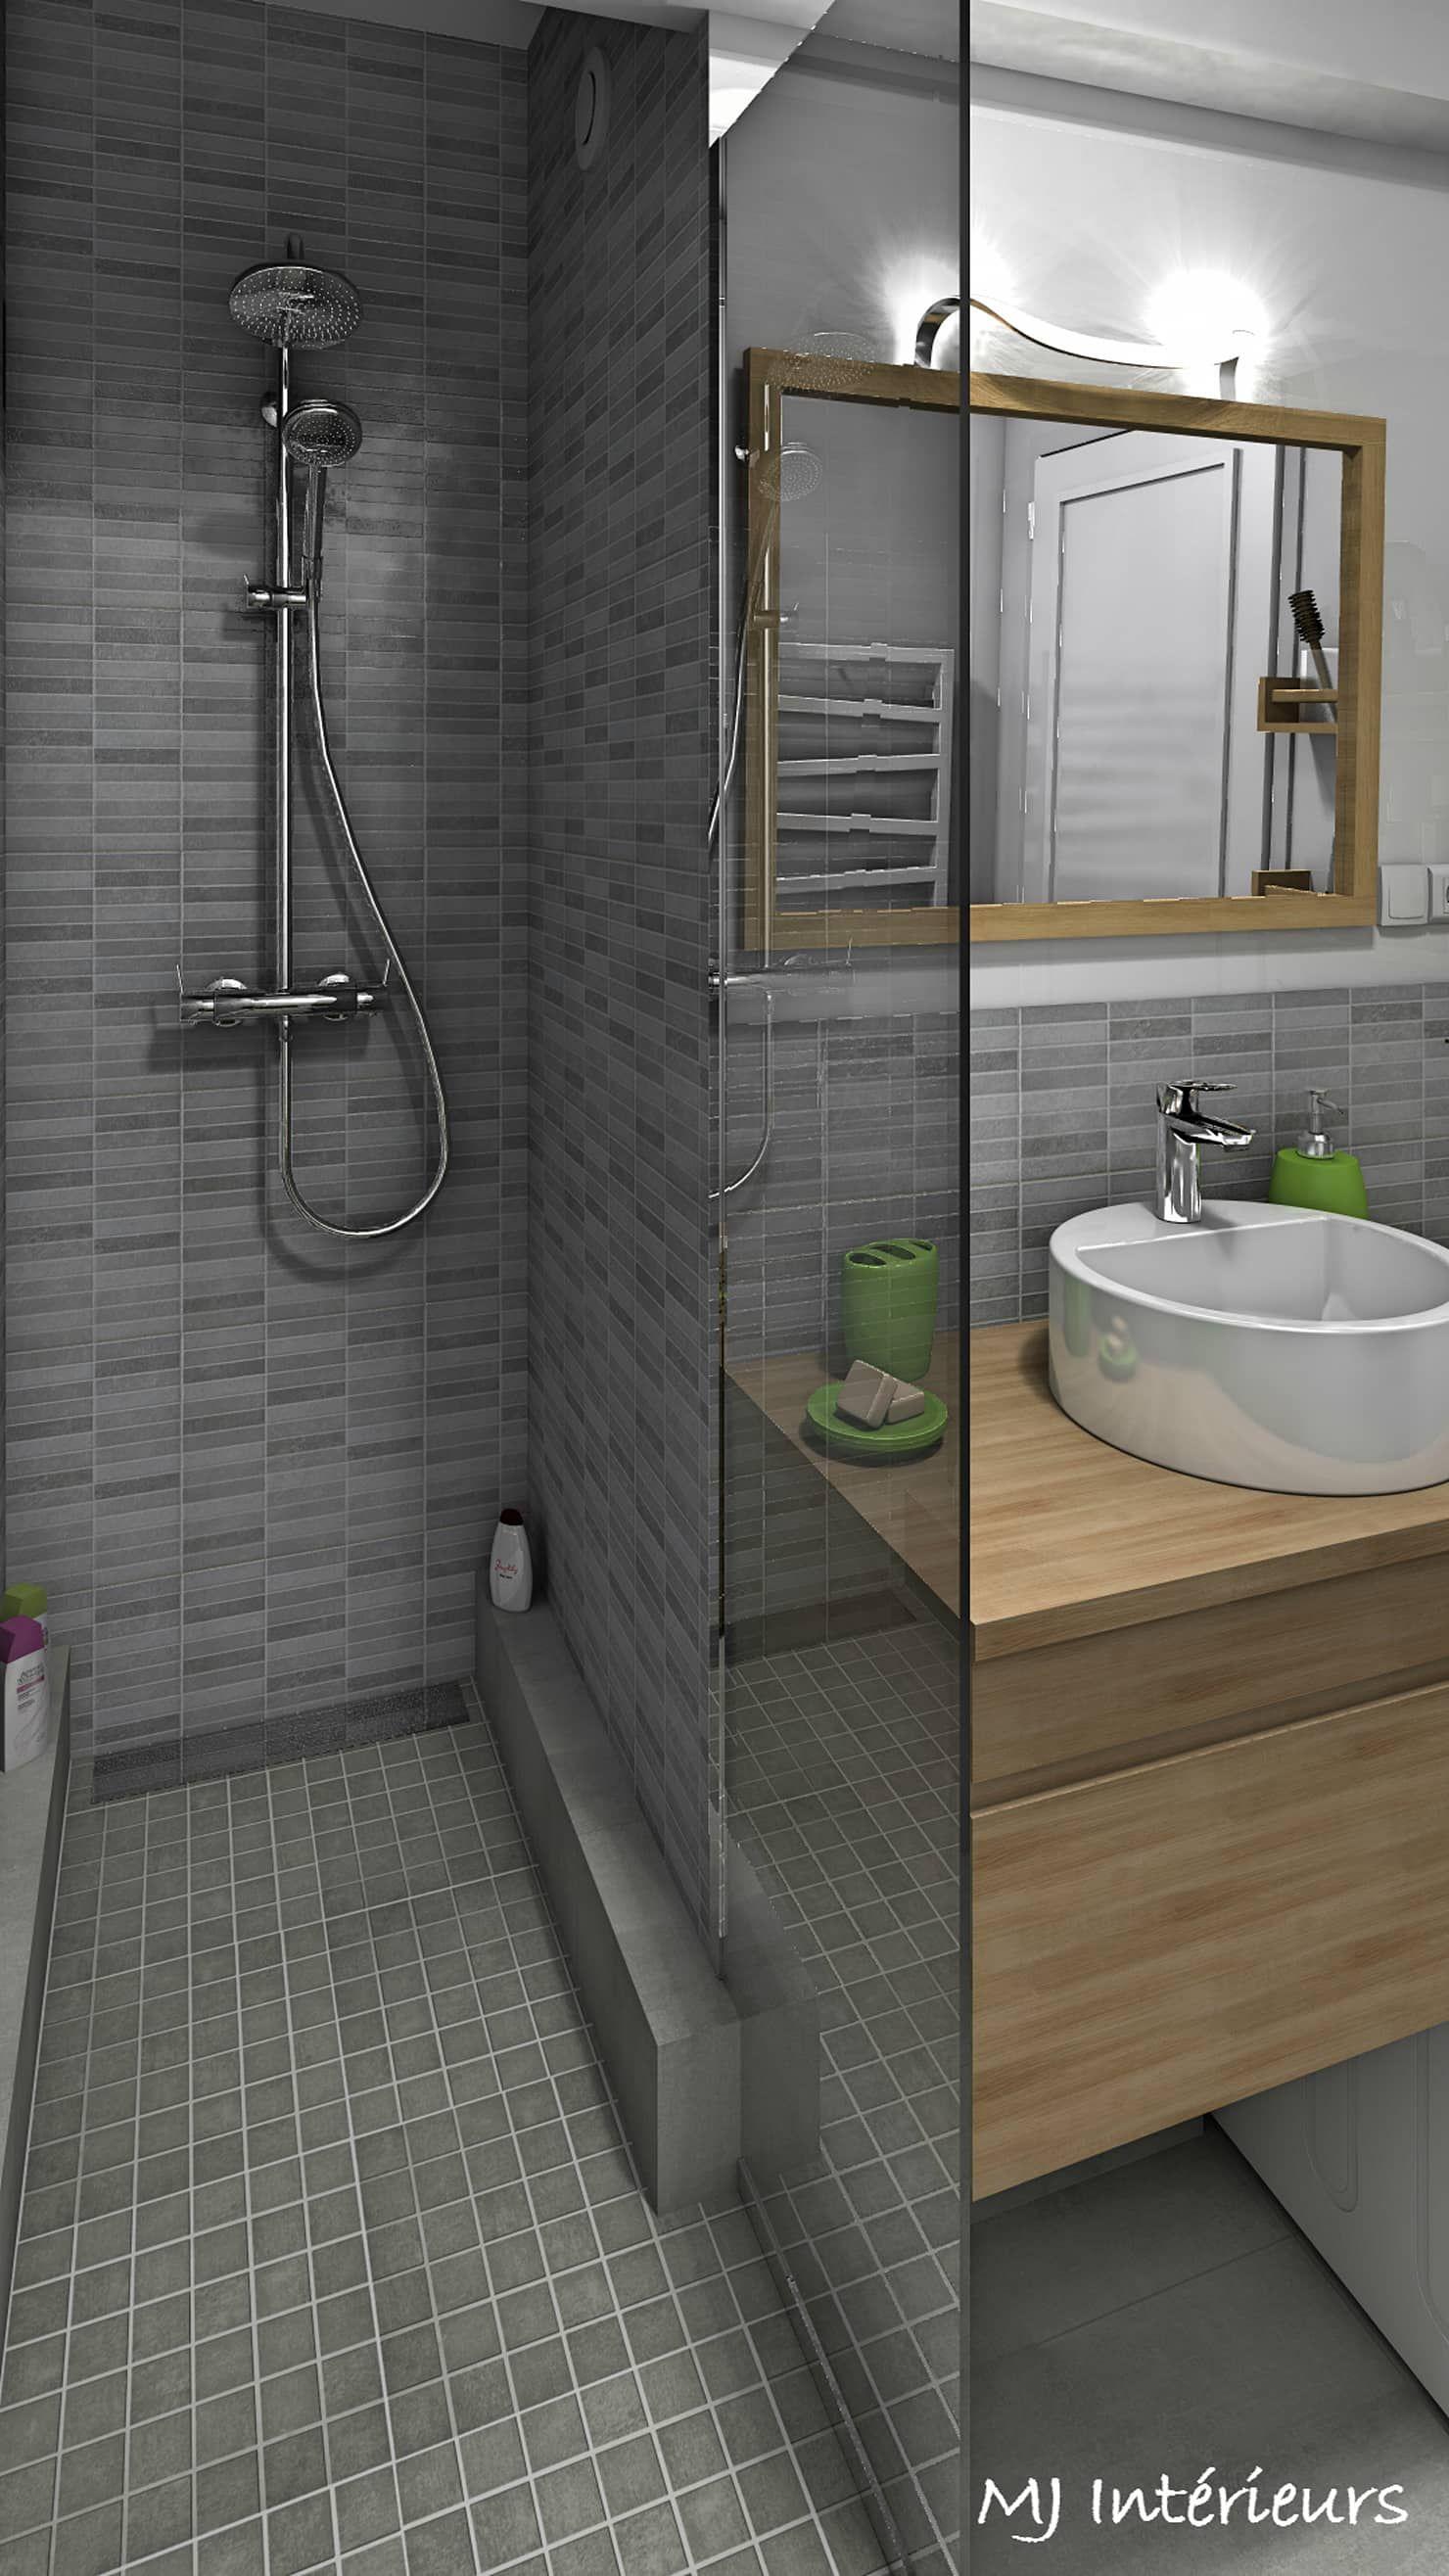 Une Douche A L Italienne A Remplace La Baignoire Salle De Bain Moderne Par Mj Interieurs Moderne Homify Idee Salle De Bain Salle De Bains Moderne Salle De Bain